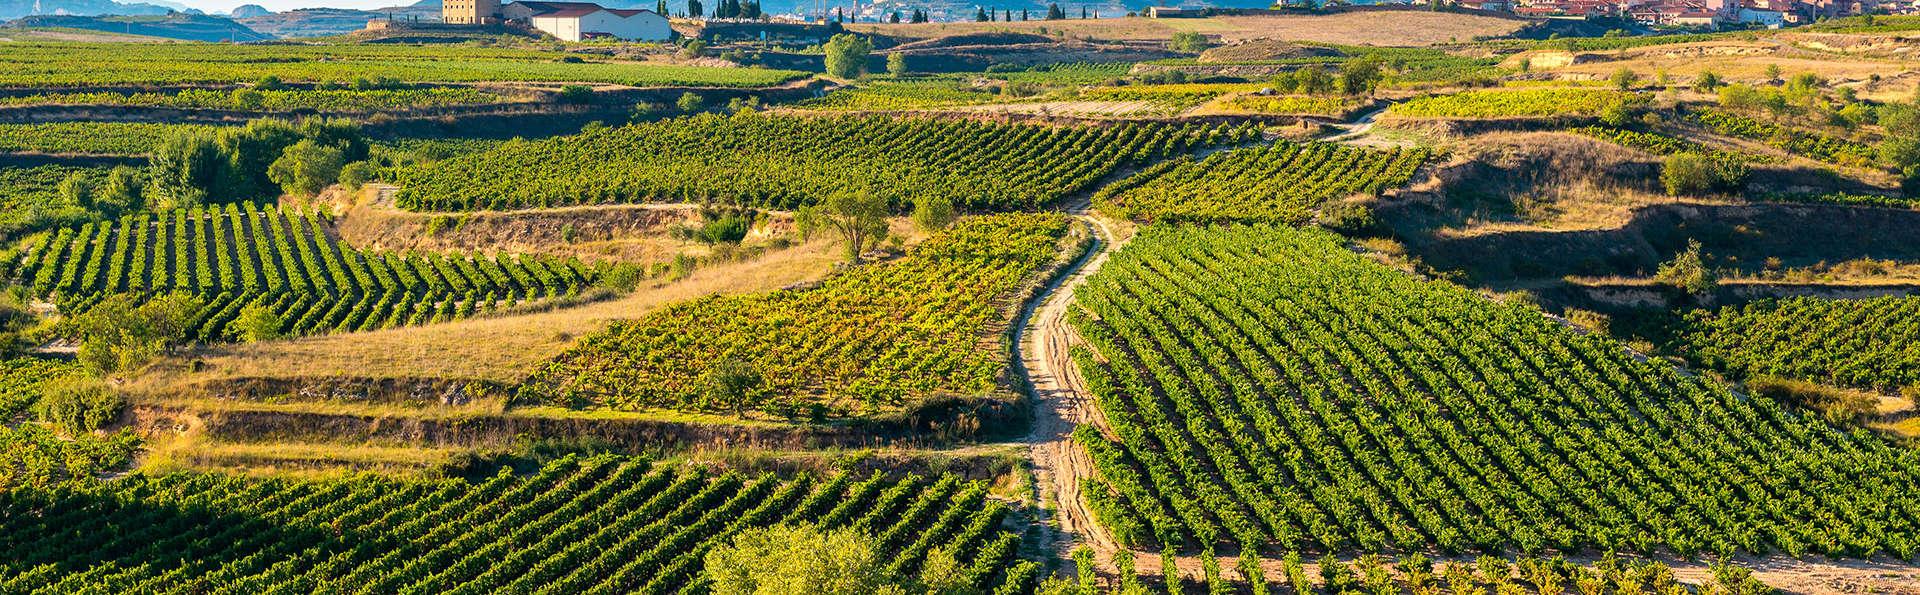 Enología en Logroño con visita a bodega con cata de sus vinos y acceso a gimnasio